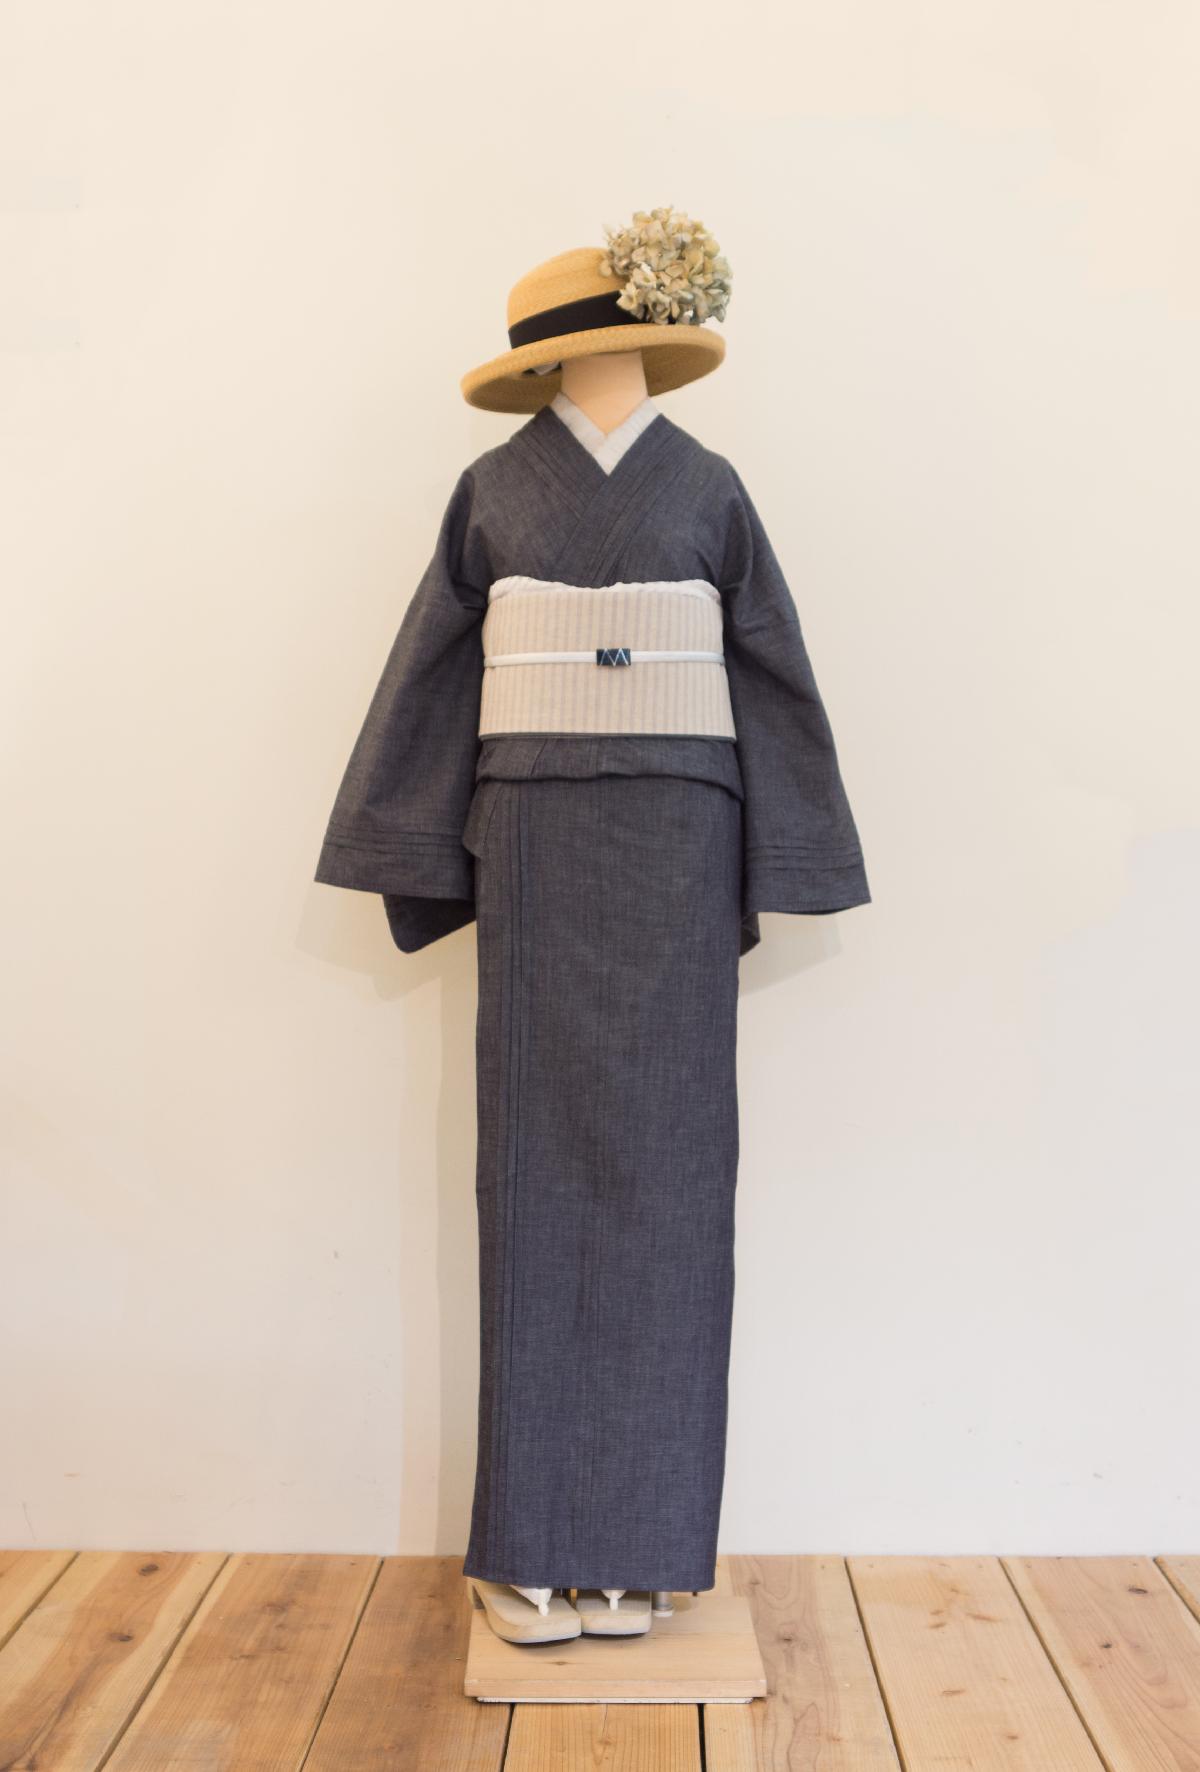 ピンタック着物(デニム) | 着物、浴衣 さく研究所